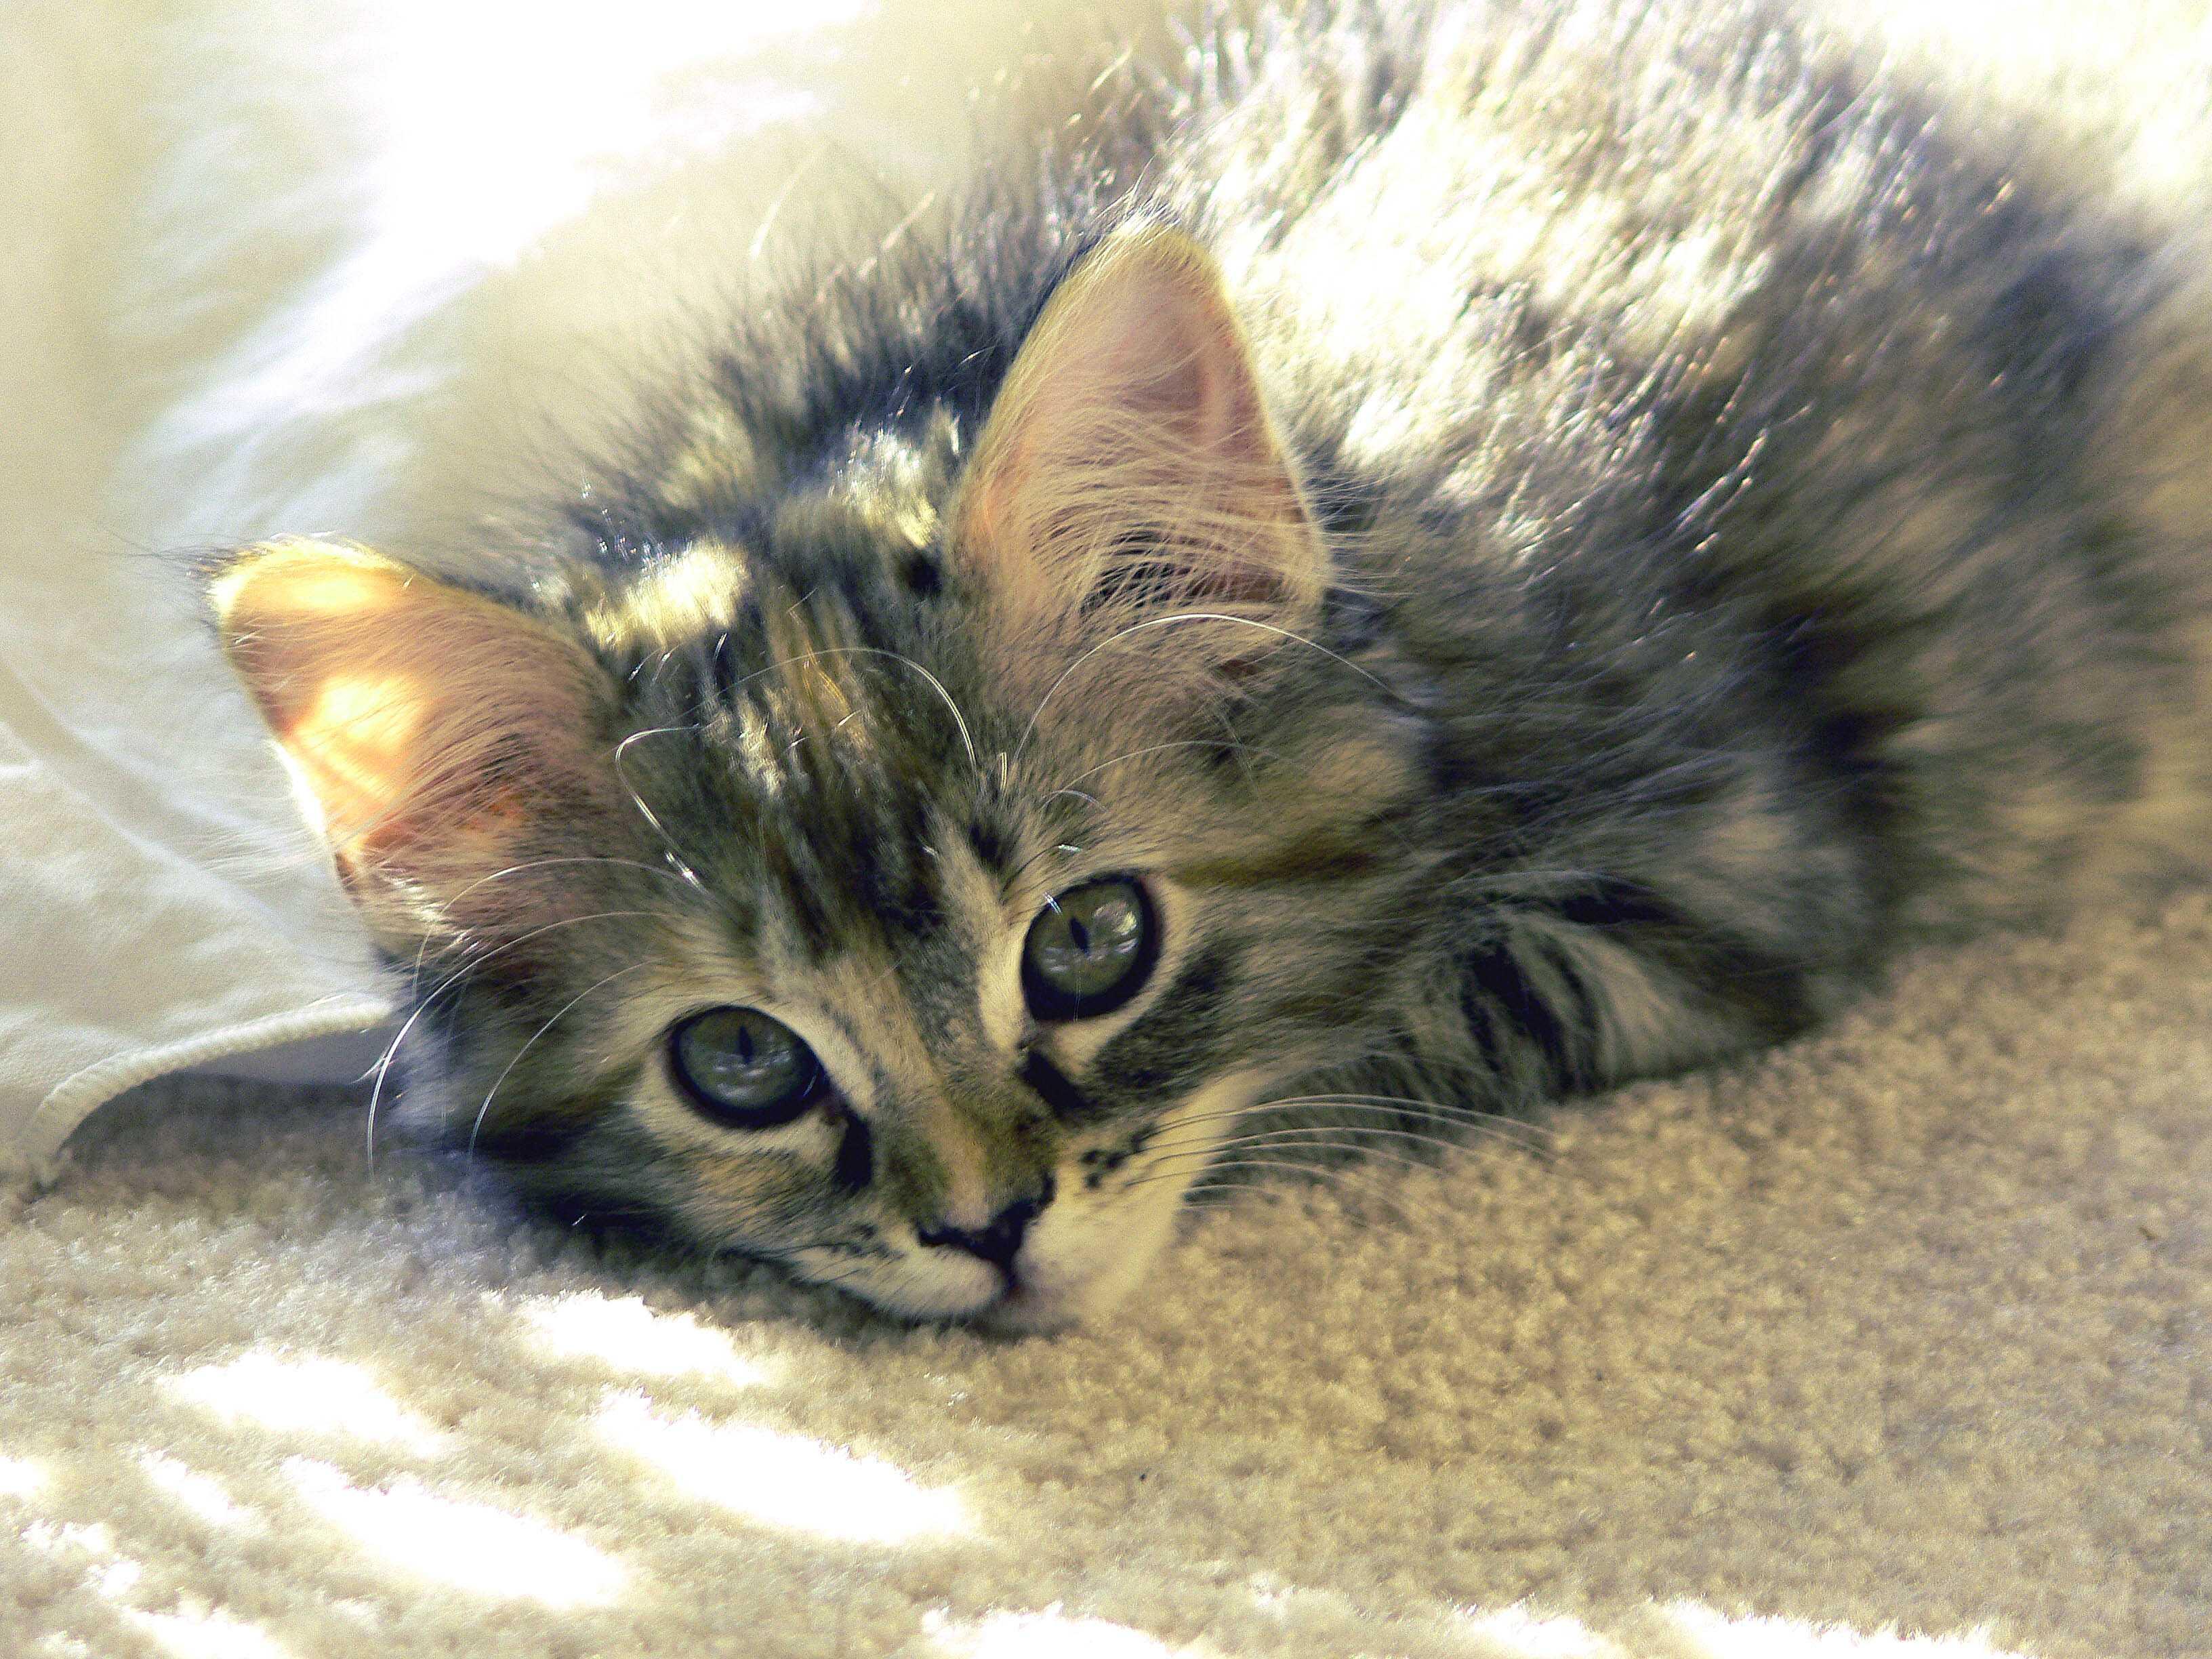 Cambiare casa: la reazione dei felini